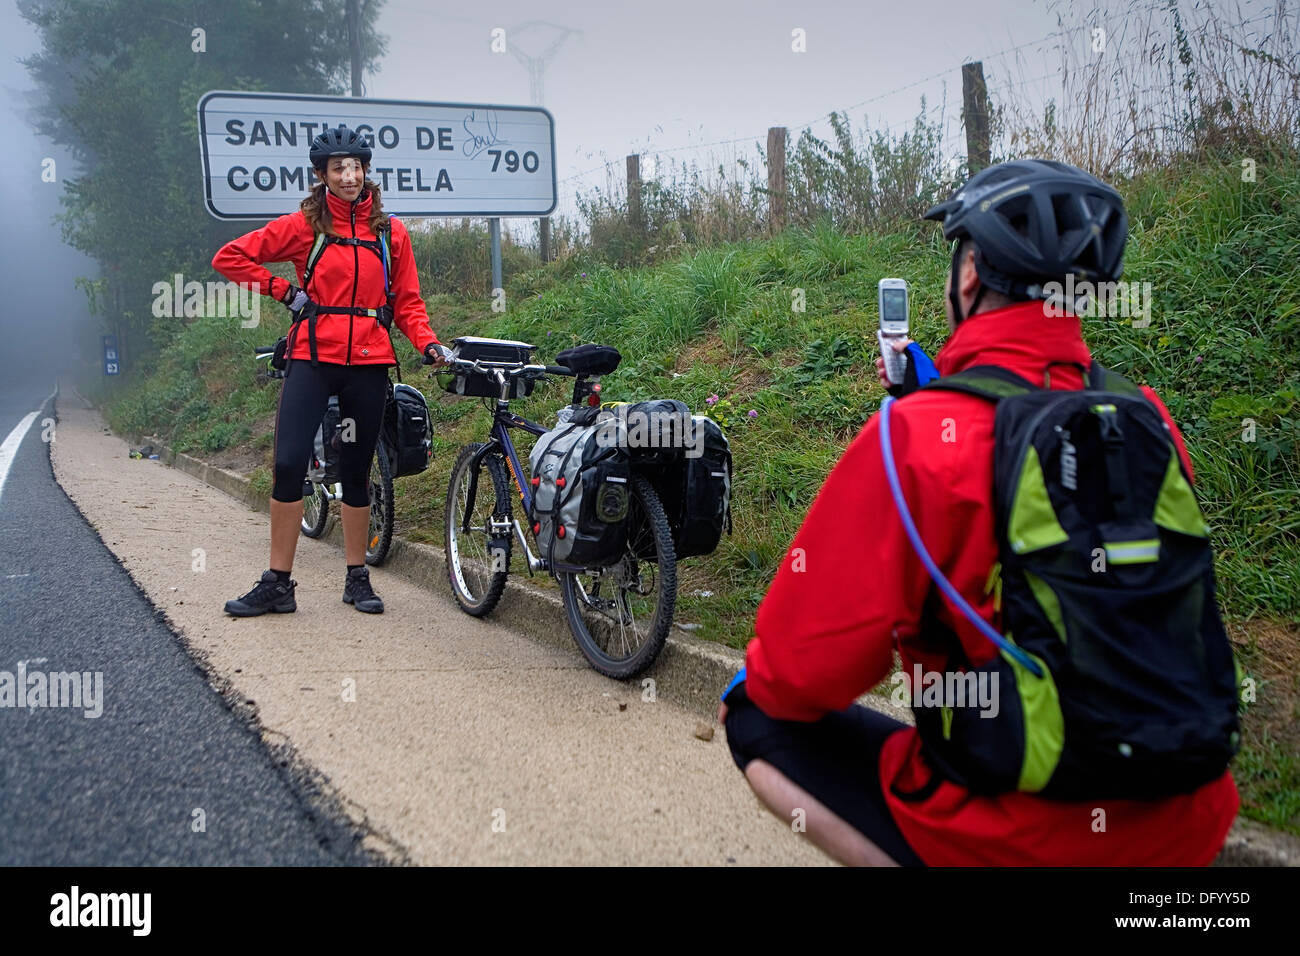 Pilgrims. Roncesvalles-Orreaga. Navarra. Eva y Gerardo. gerarquin@yahoo.es.Spain. Camino de Santiago - Stock Image